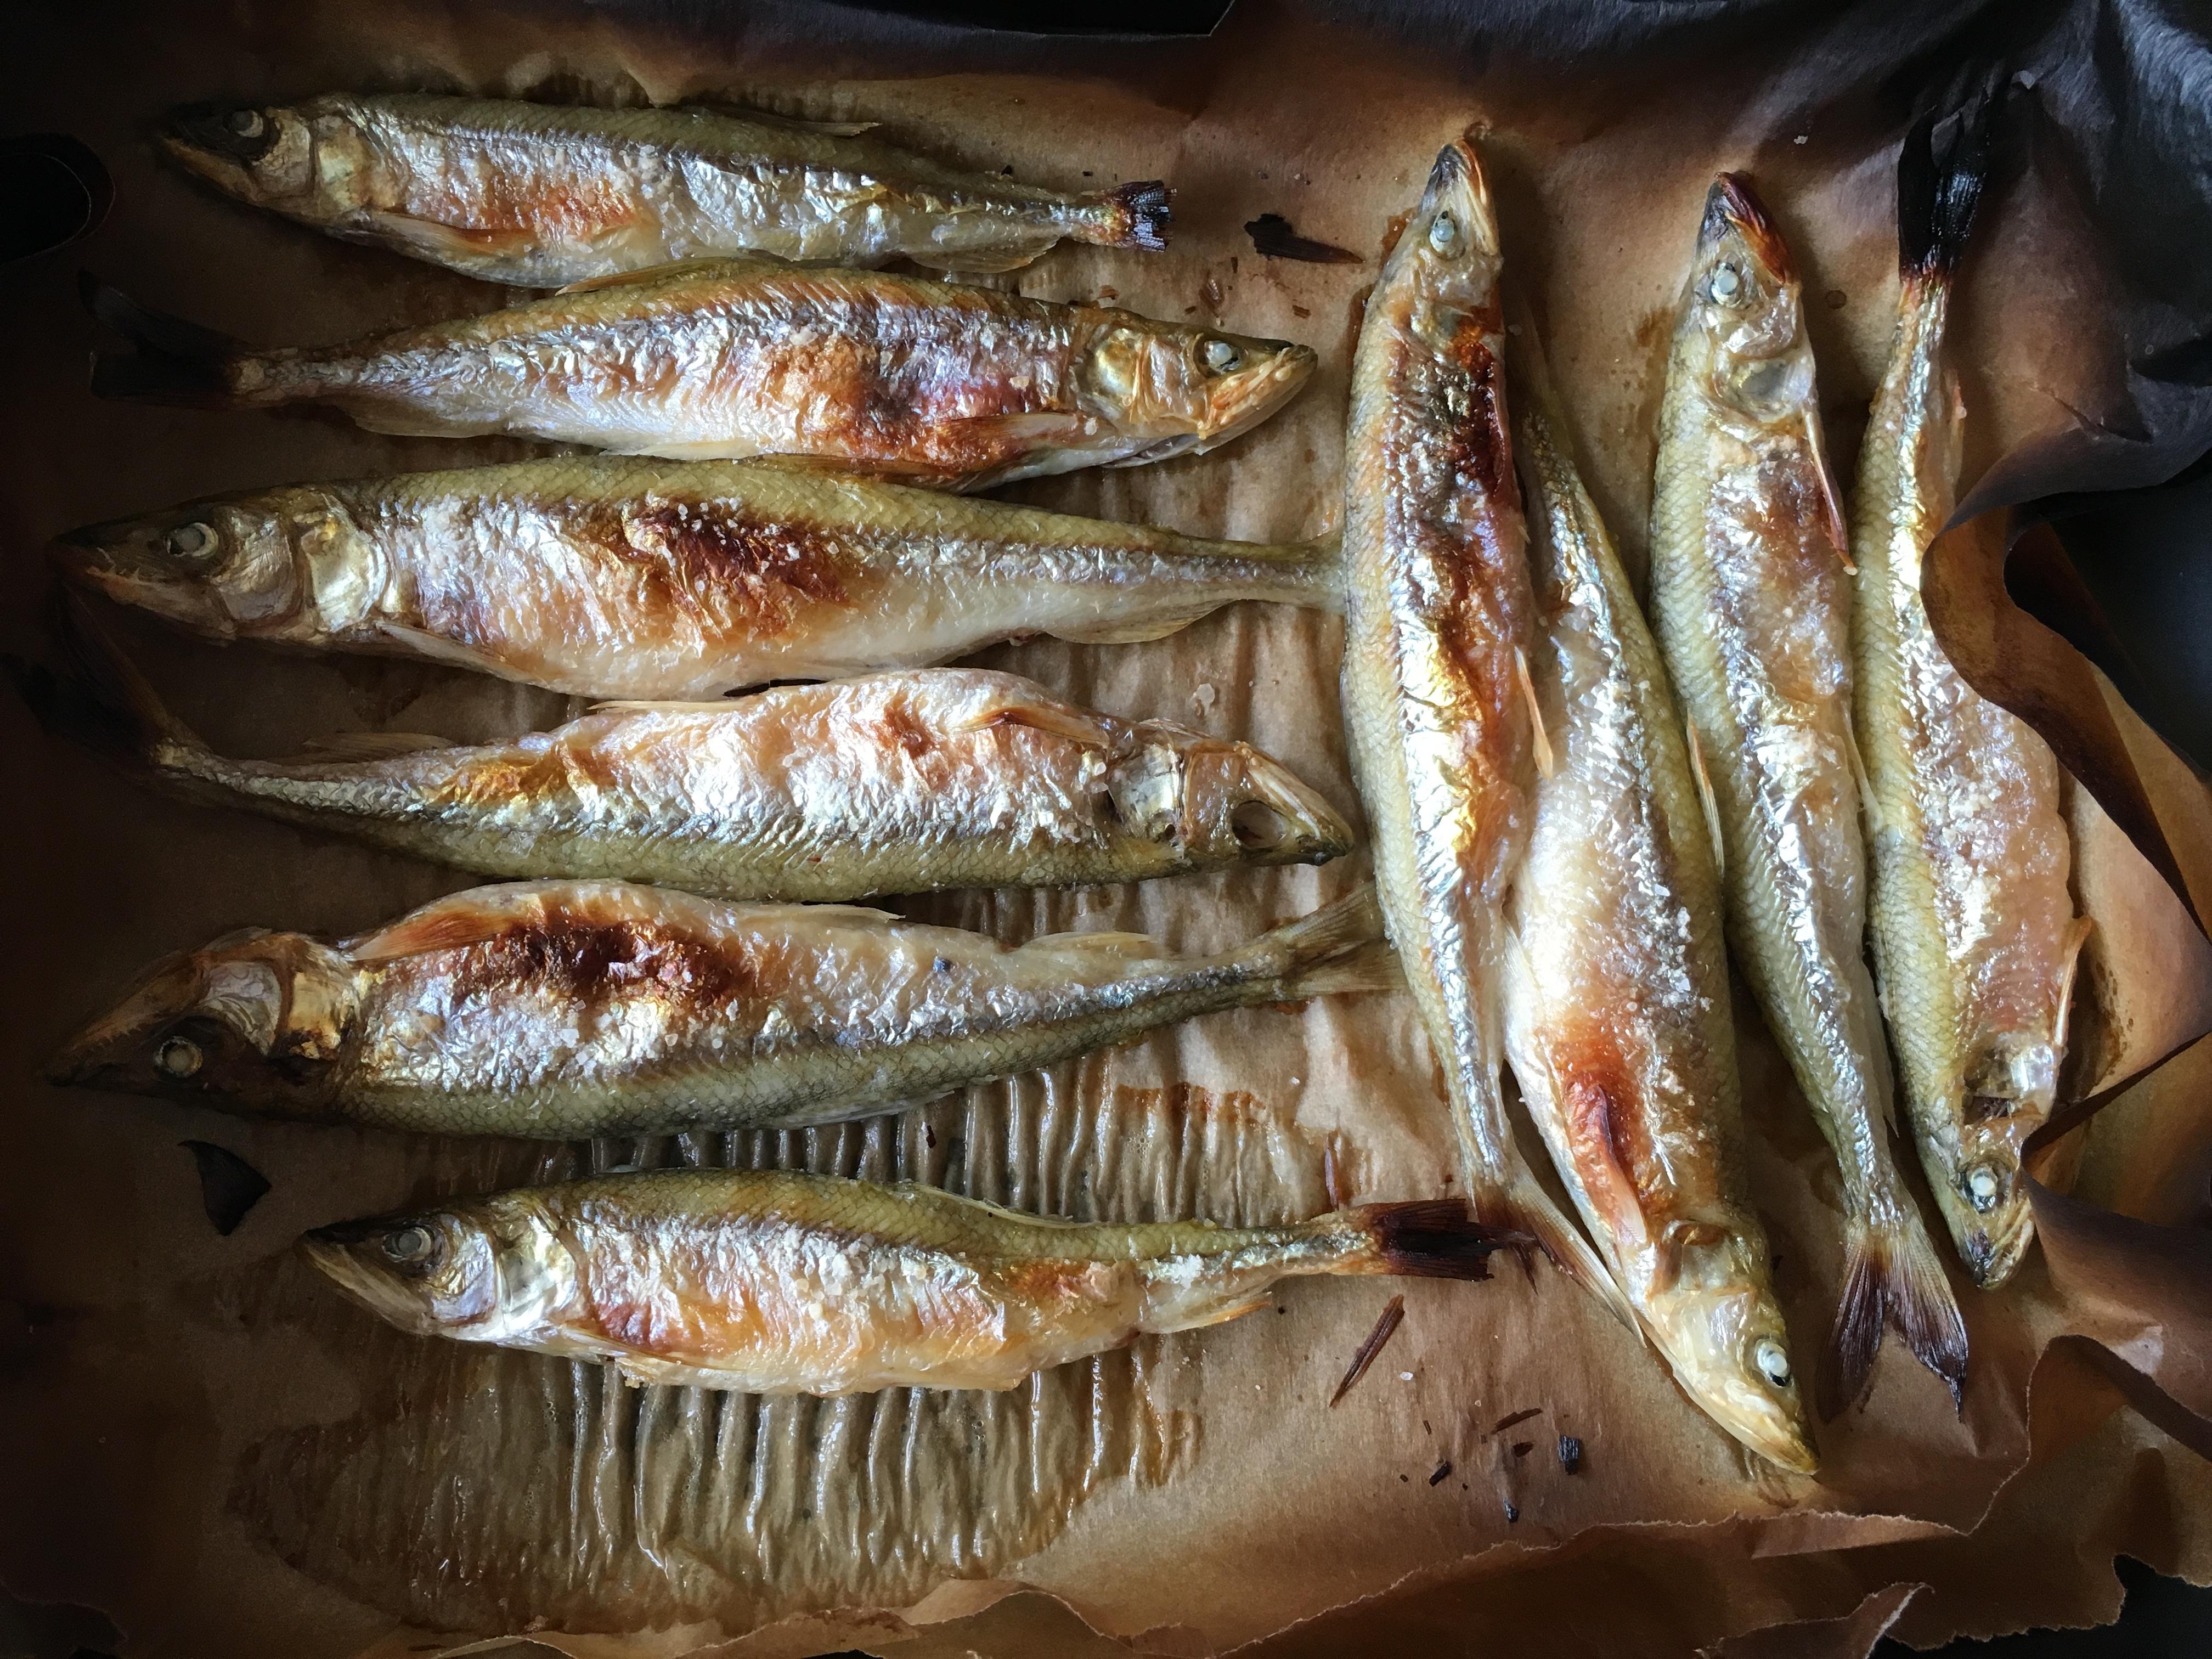 Корюшка гриль рыбалка кулинария пейзажи природы Альберт Сафиуллин